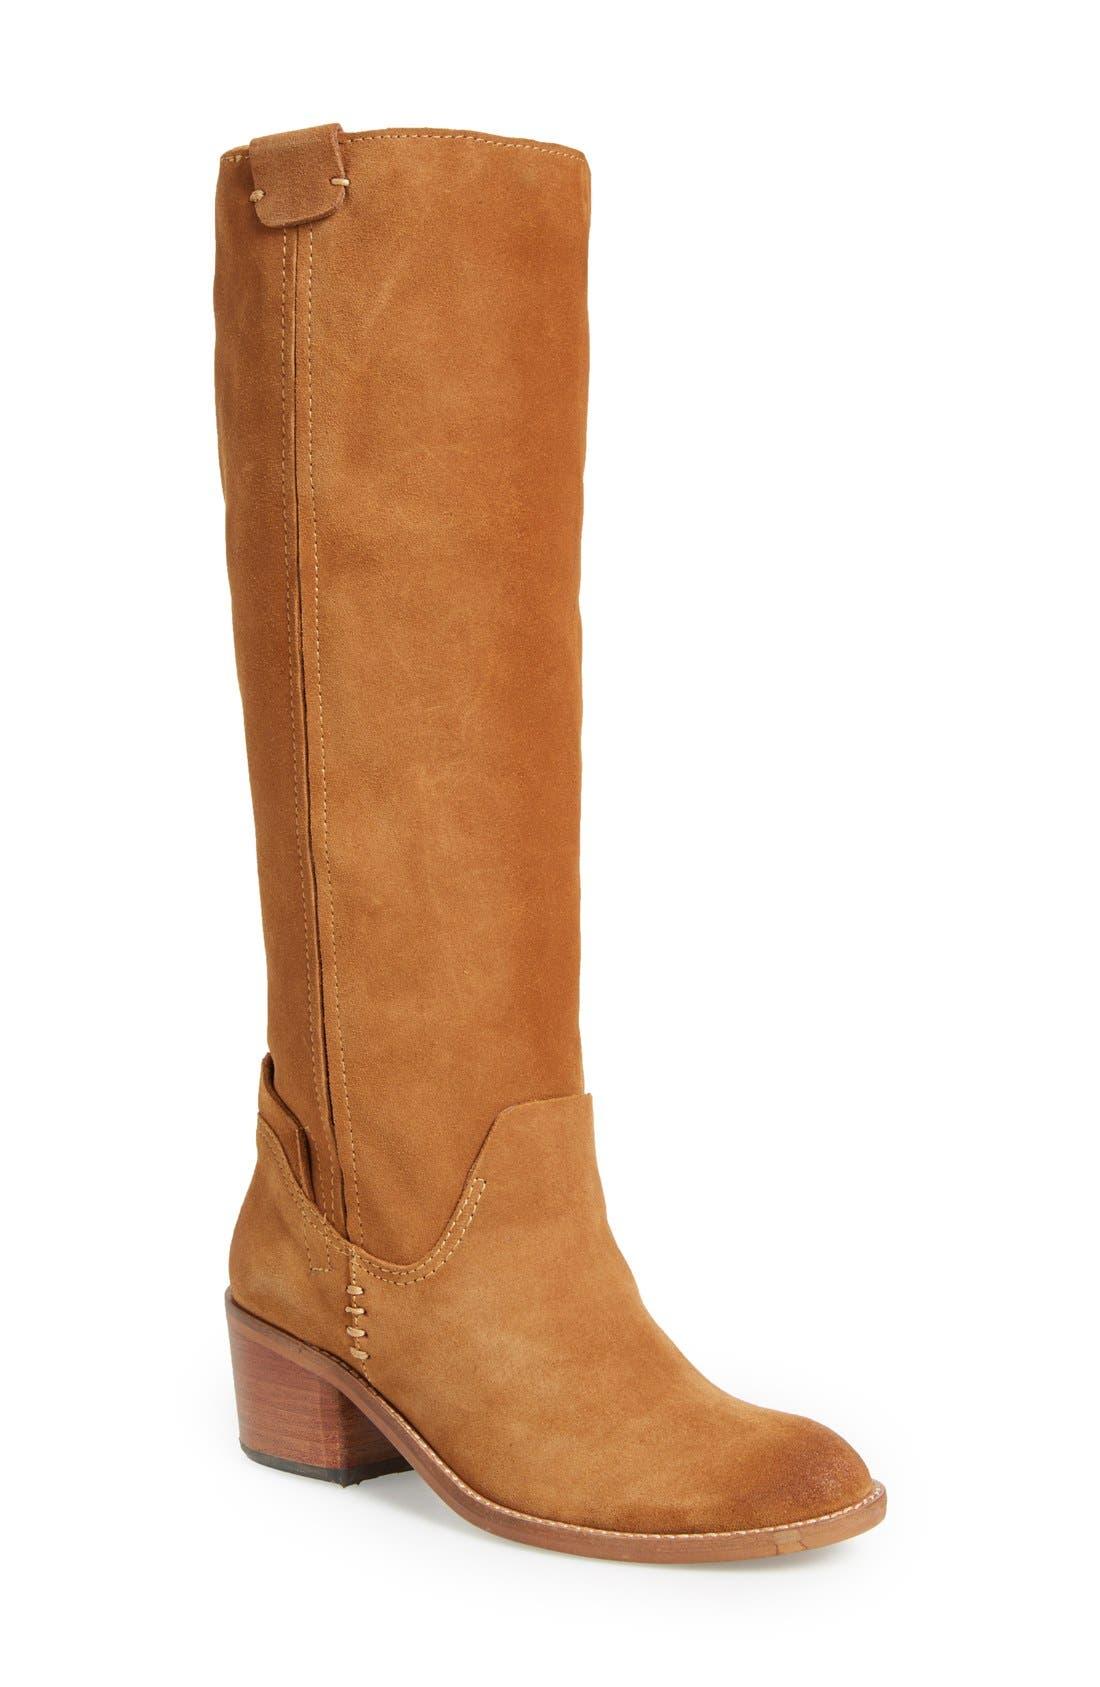 Main Image - DolceVita 'Garnett' Boot (Women)